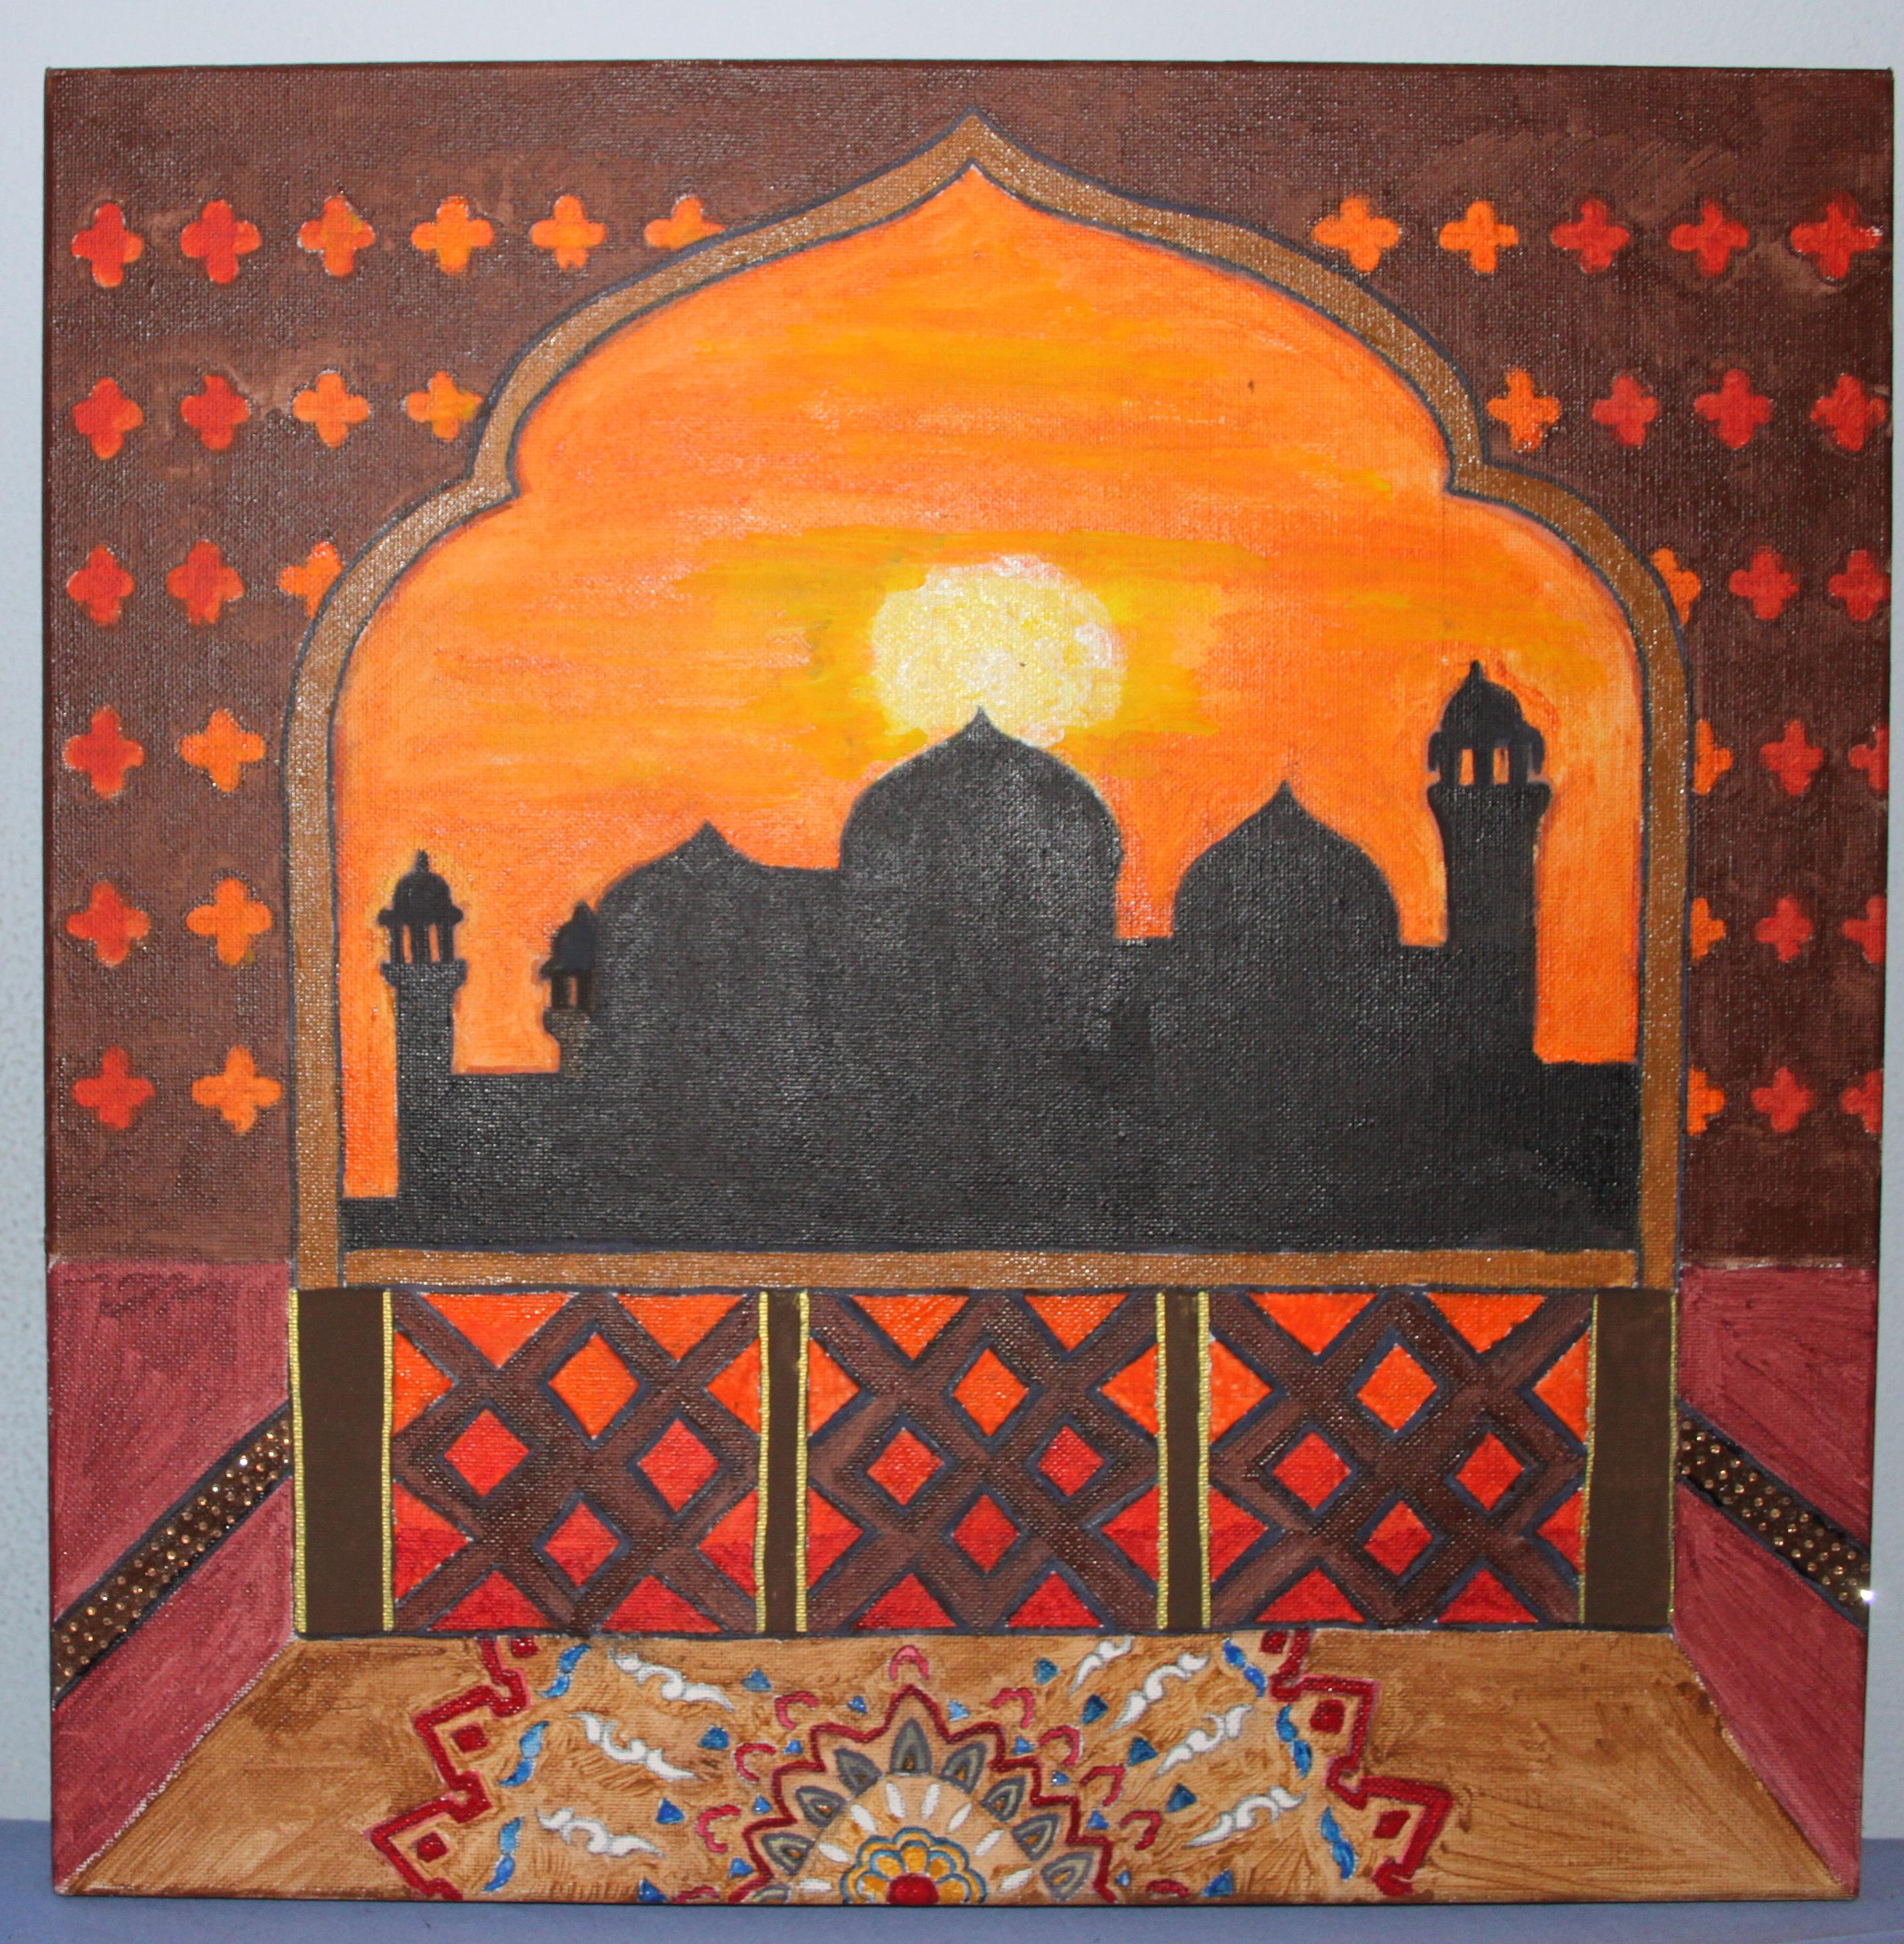 De inspiración islámica moderna Diseño Interior (interior moderno islámico, diseño interior moderno)